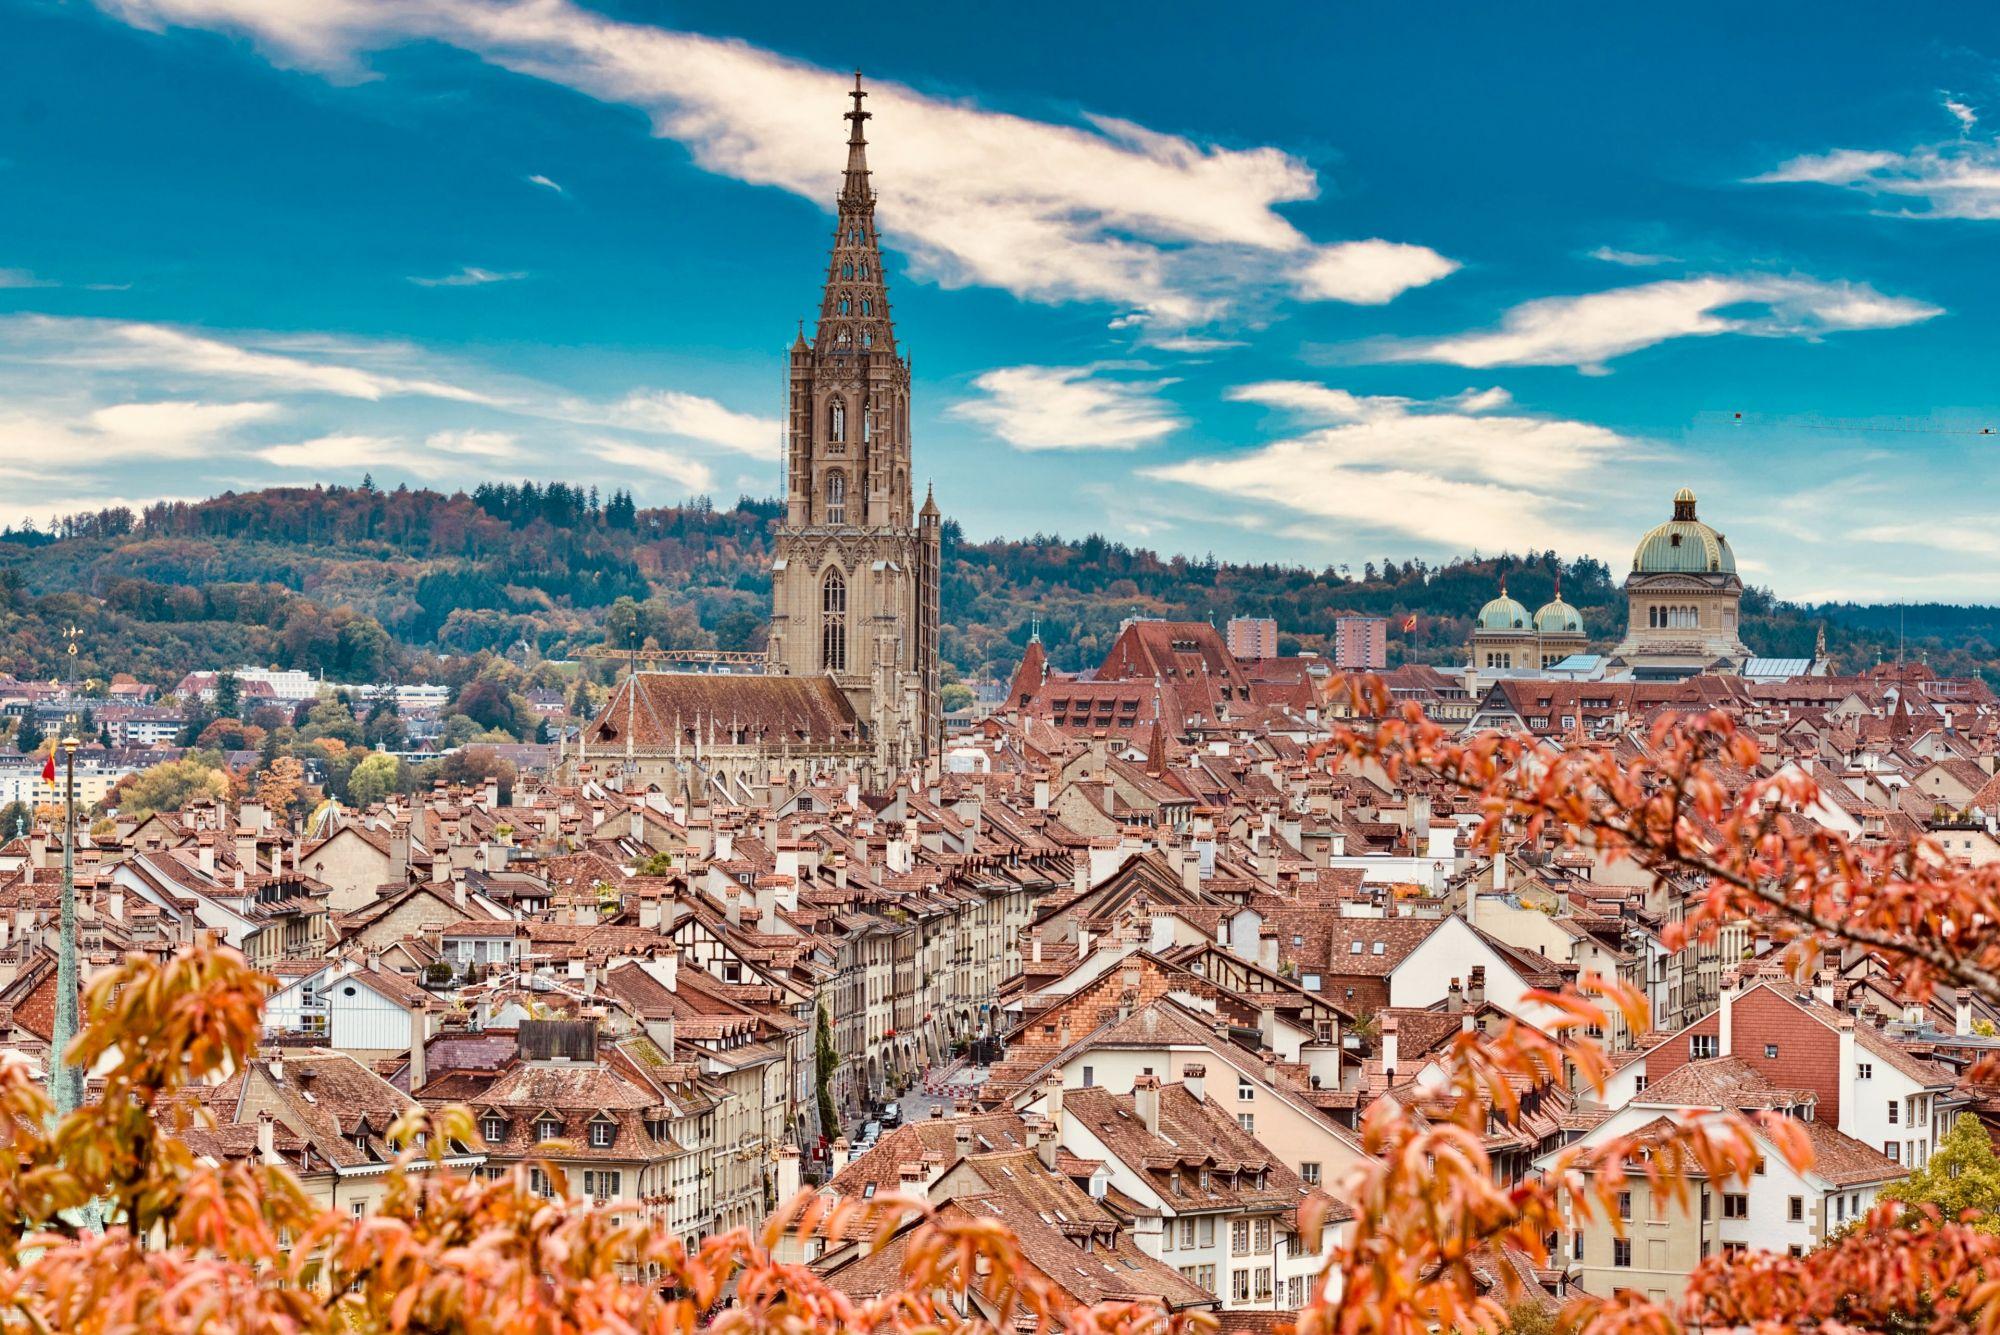 瑞士伯爾尼——世界上壓力第二小的城市。 (Photo: Courtesy of Unsplash)